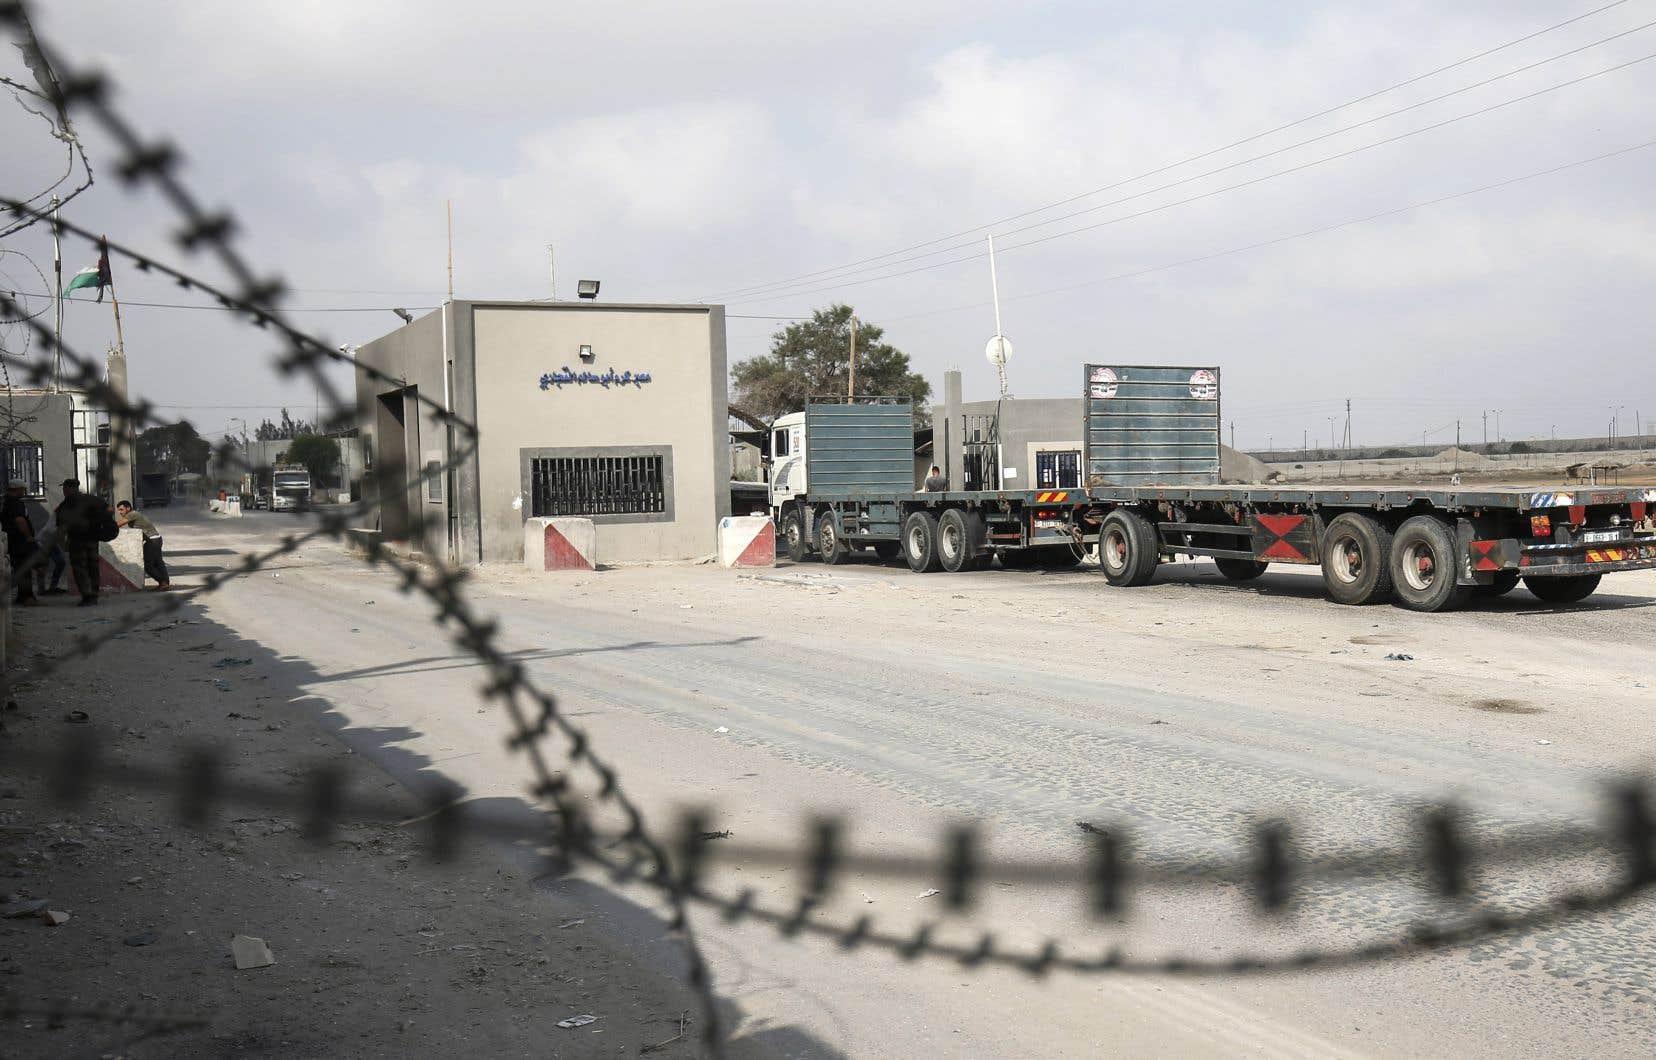 Soumise à un strict blocus israélien depuis plus de dix ans, la bande de Gaza, qui souffre déjà de coupures d'électricité, a vu les livraisons de marchandises, puis de produits pétroliers, suspendues par Israël.